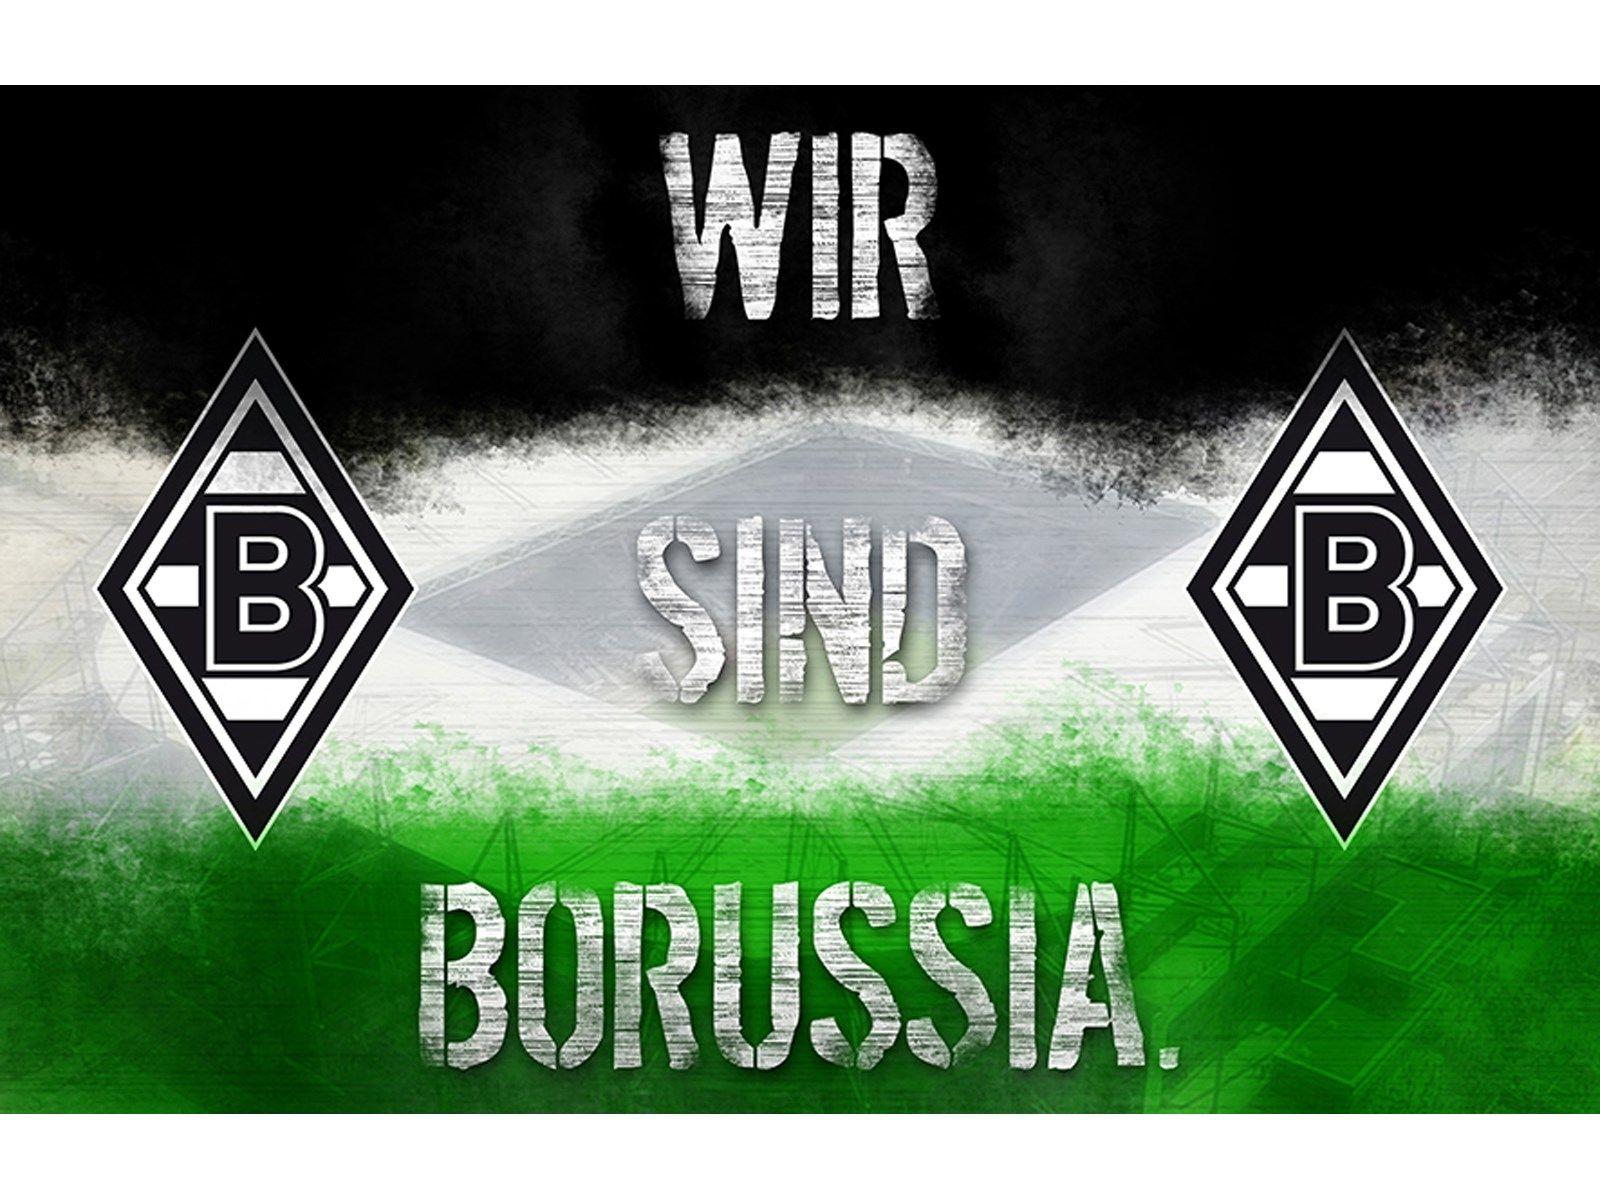 Borussia Monchengladbach Wallpaper Hd Borussia Monchengladbach Borussia Borussia Gladbach